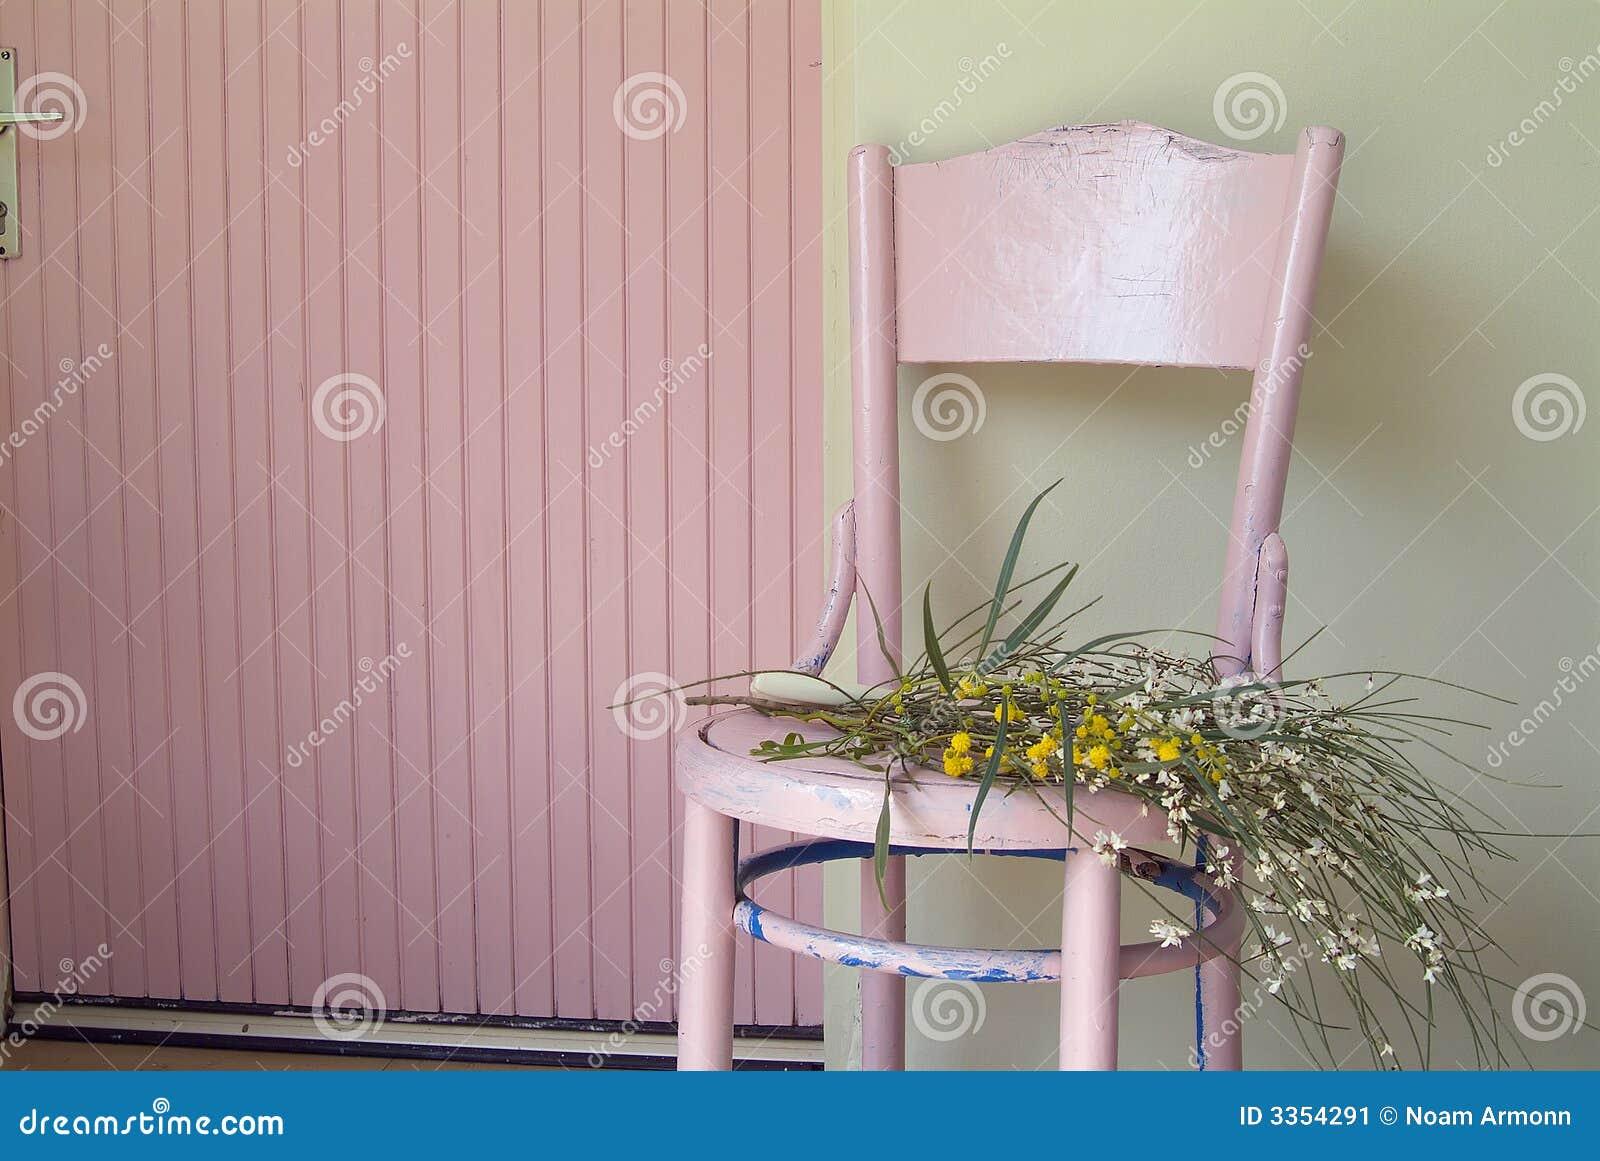 Różowe kwiaty stare krzesło